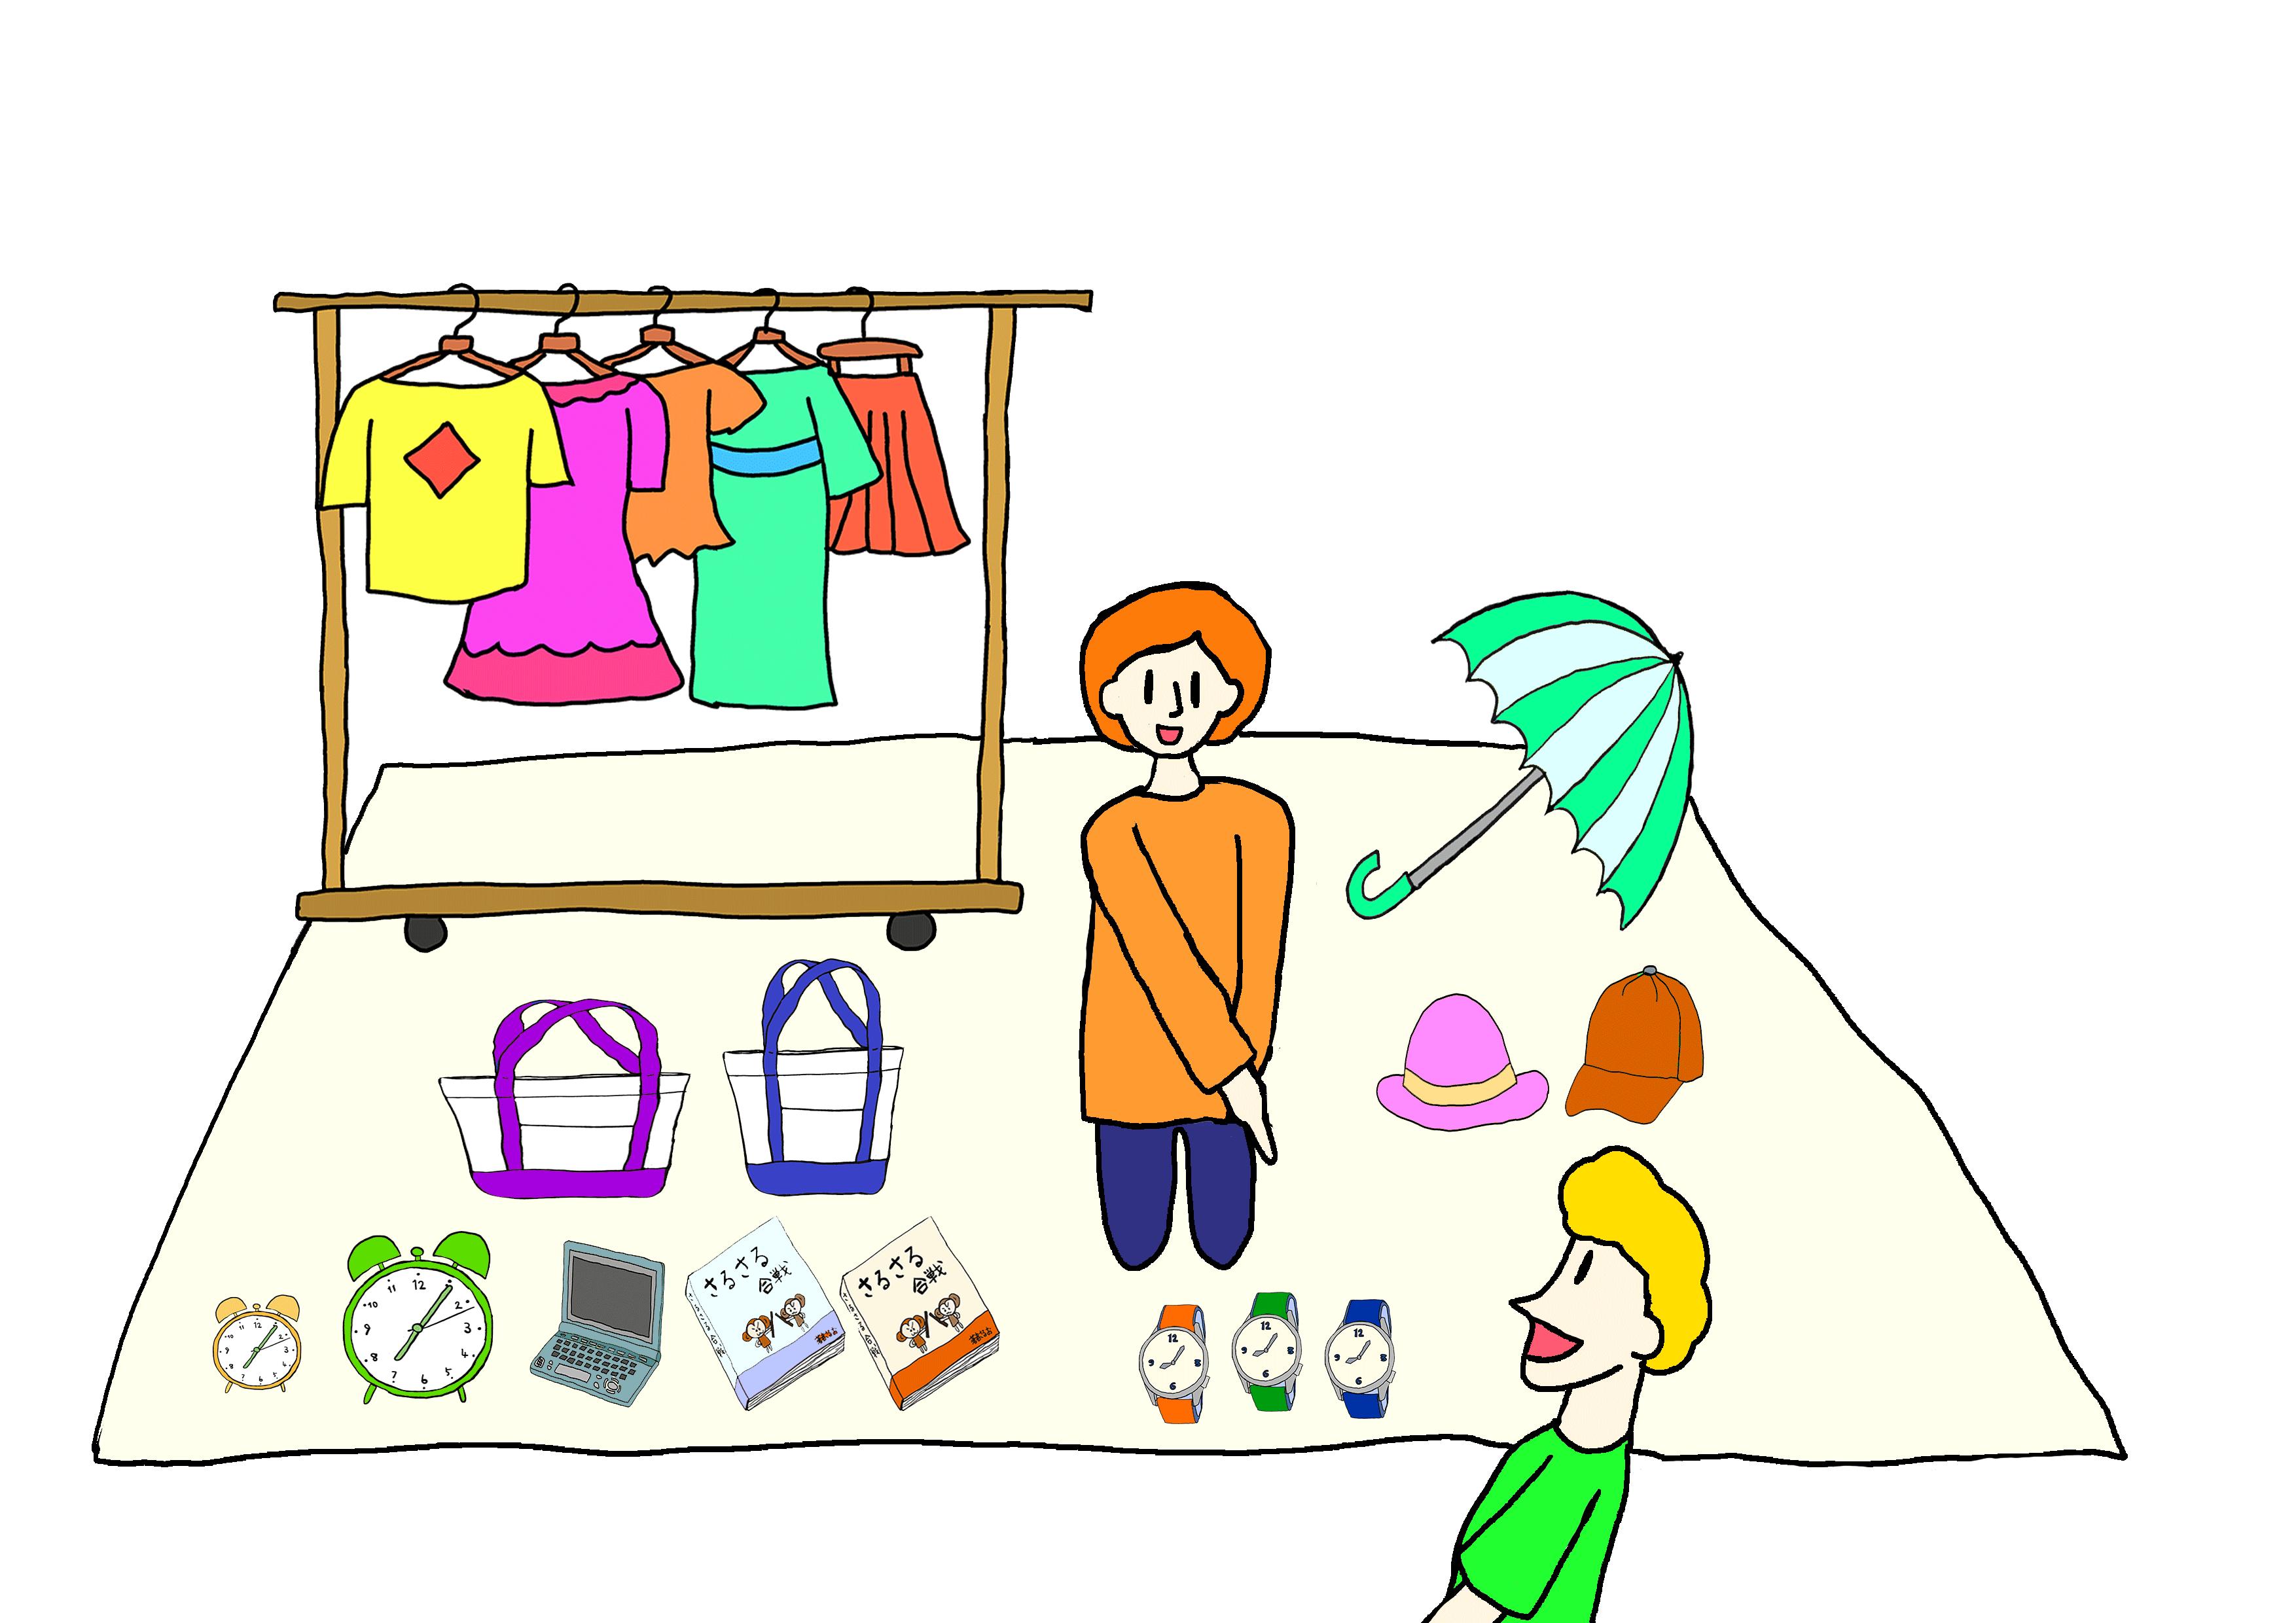 26課イラスト【フリーマーケット】